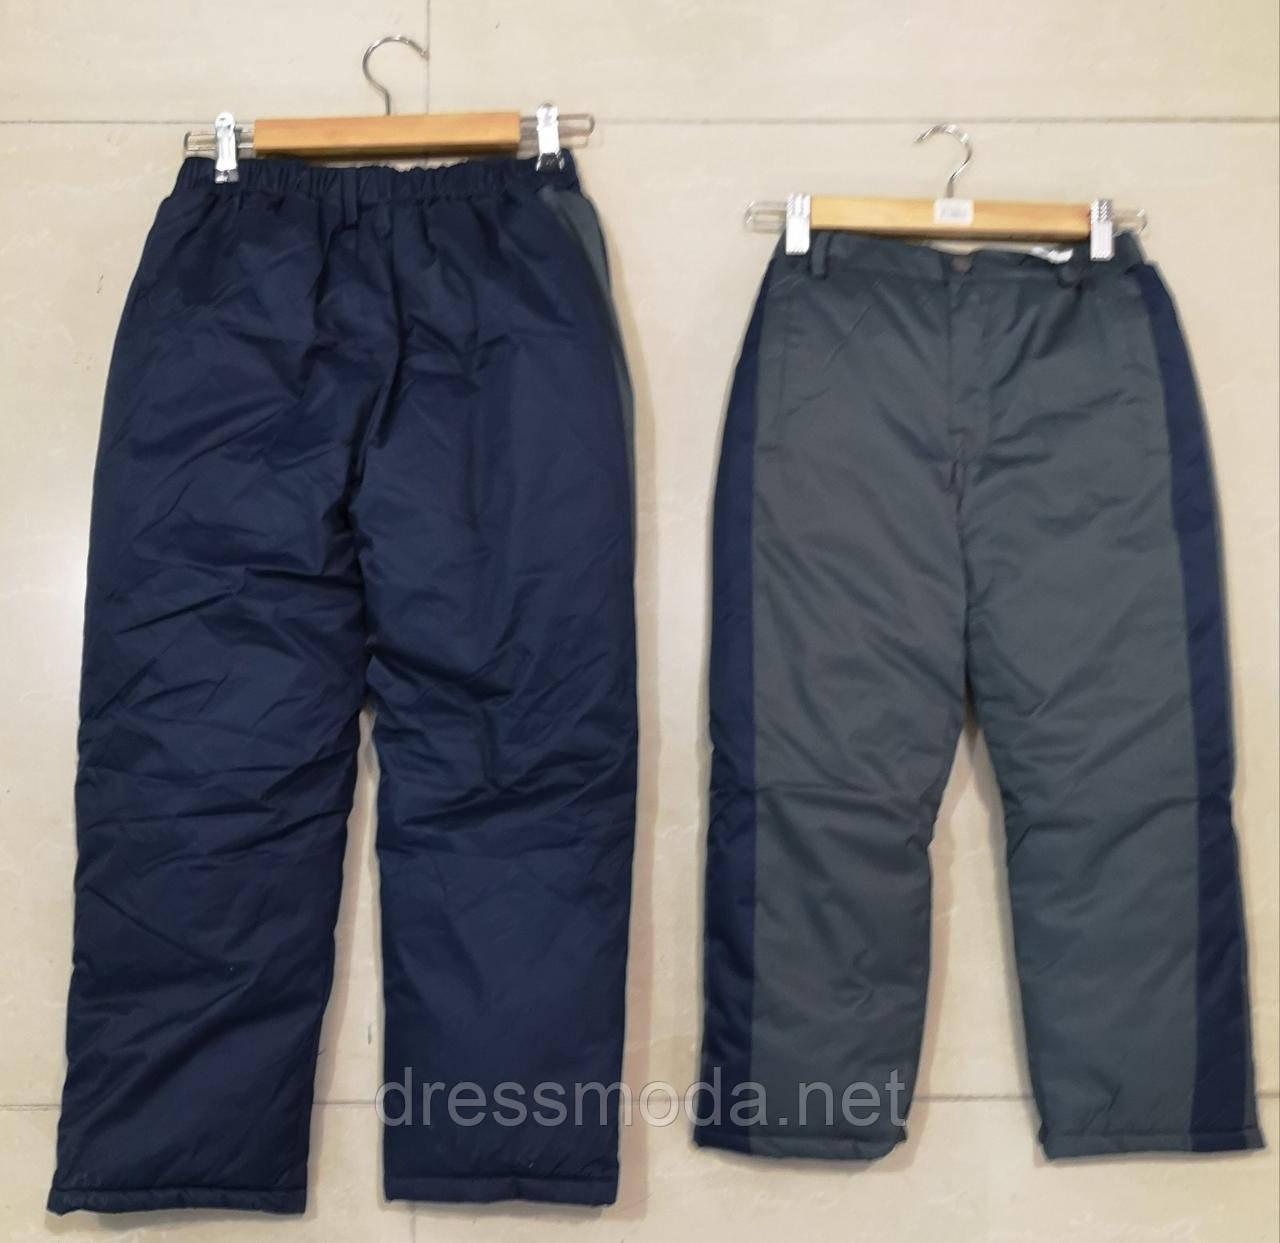 Лижні штани на синтепоні для хлопчиків Crosffire 4-12 років